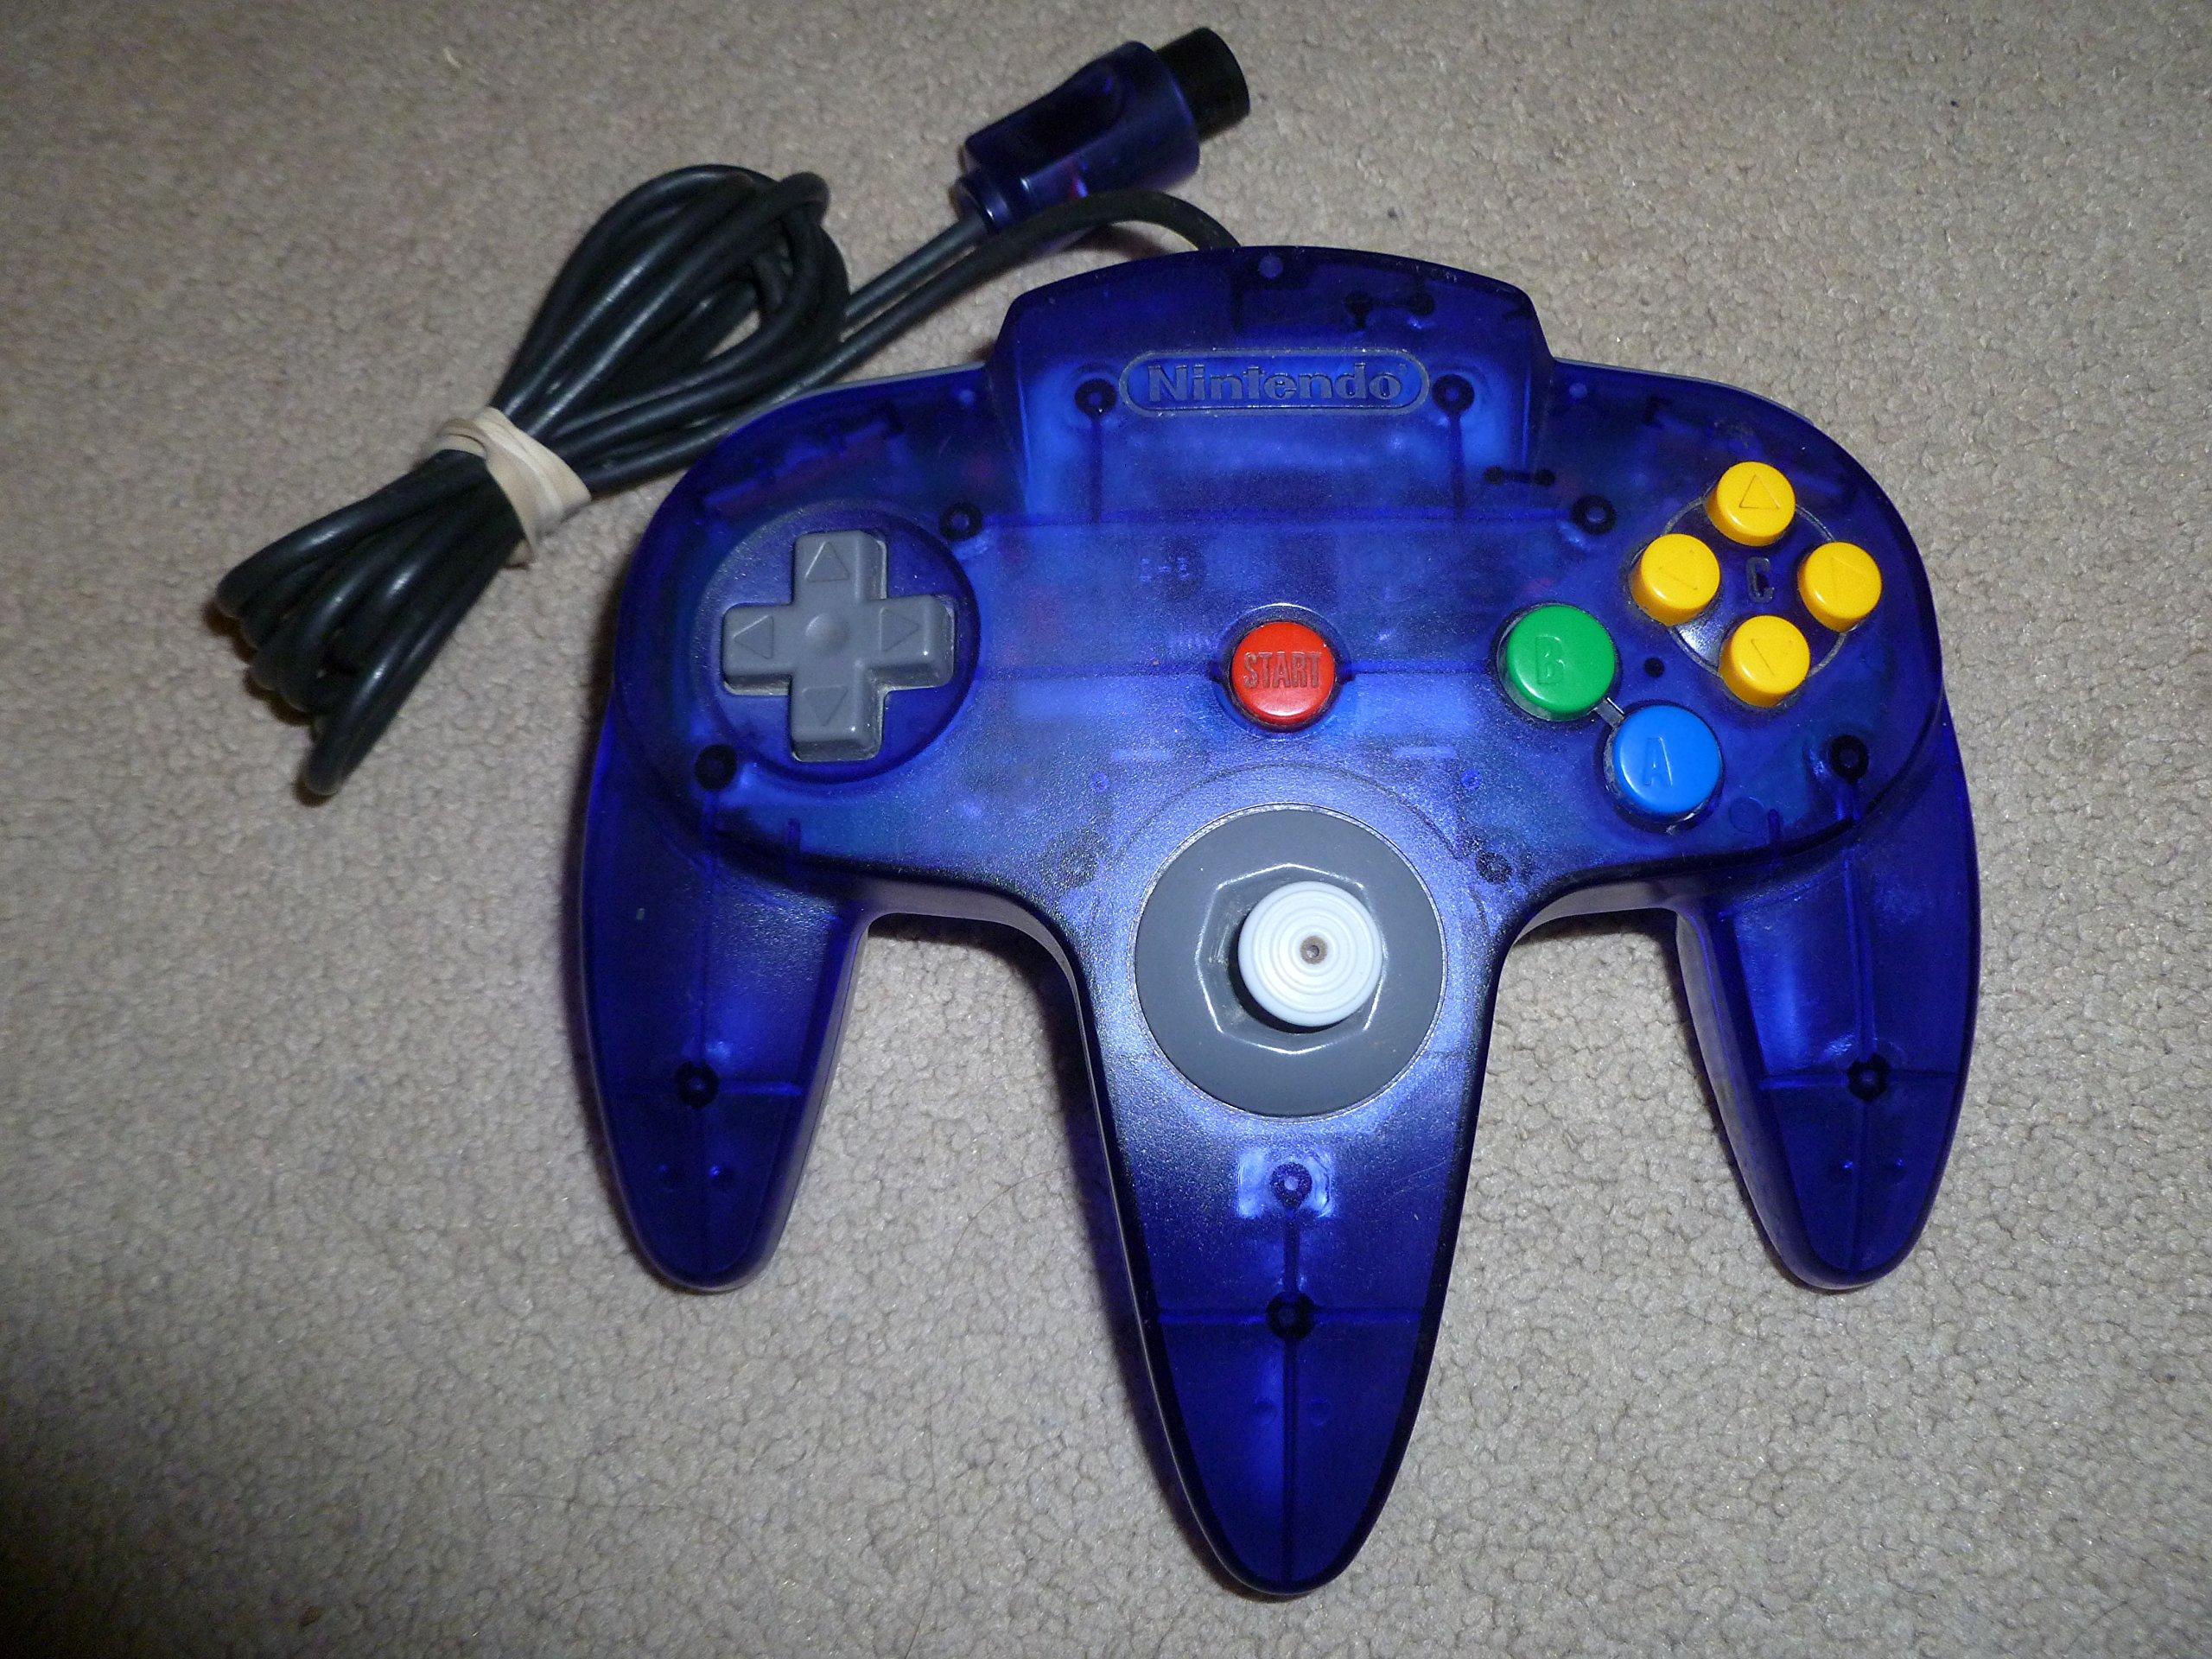 amazon com nintendo 64 controller grape video gamesNintendo 64 Controller Layout N64 Atomic Purple Controller Nintendo 64 #10